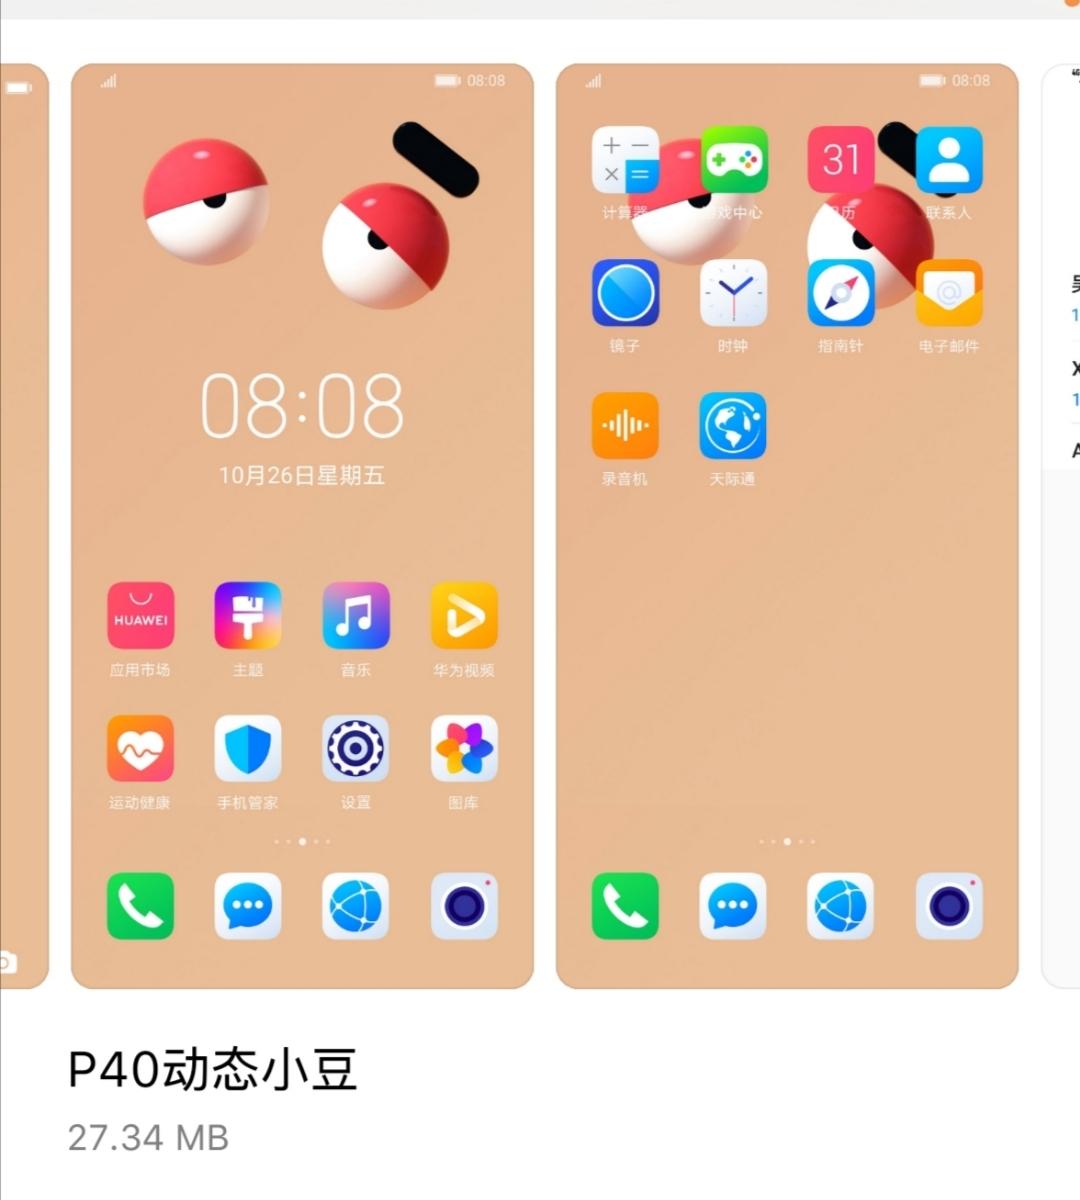 Screenshot_20200514_090853.jpg